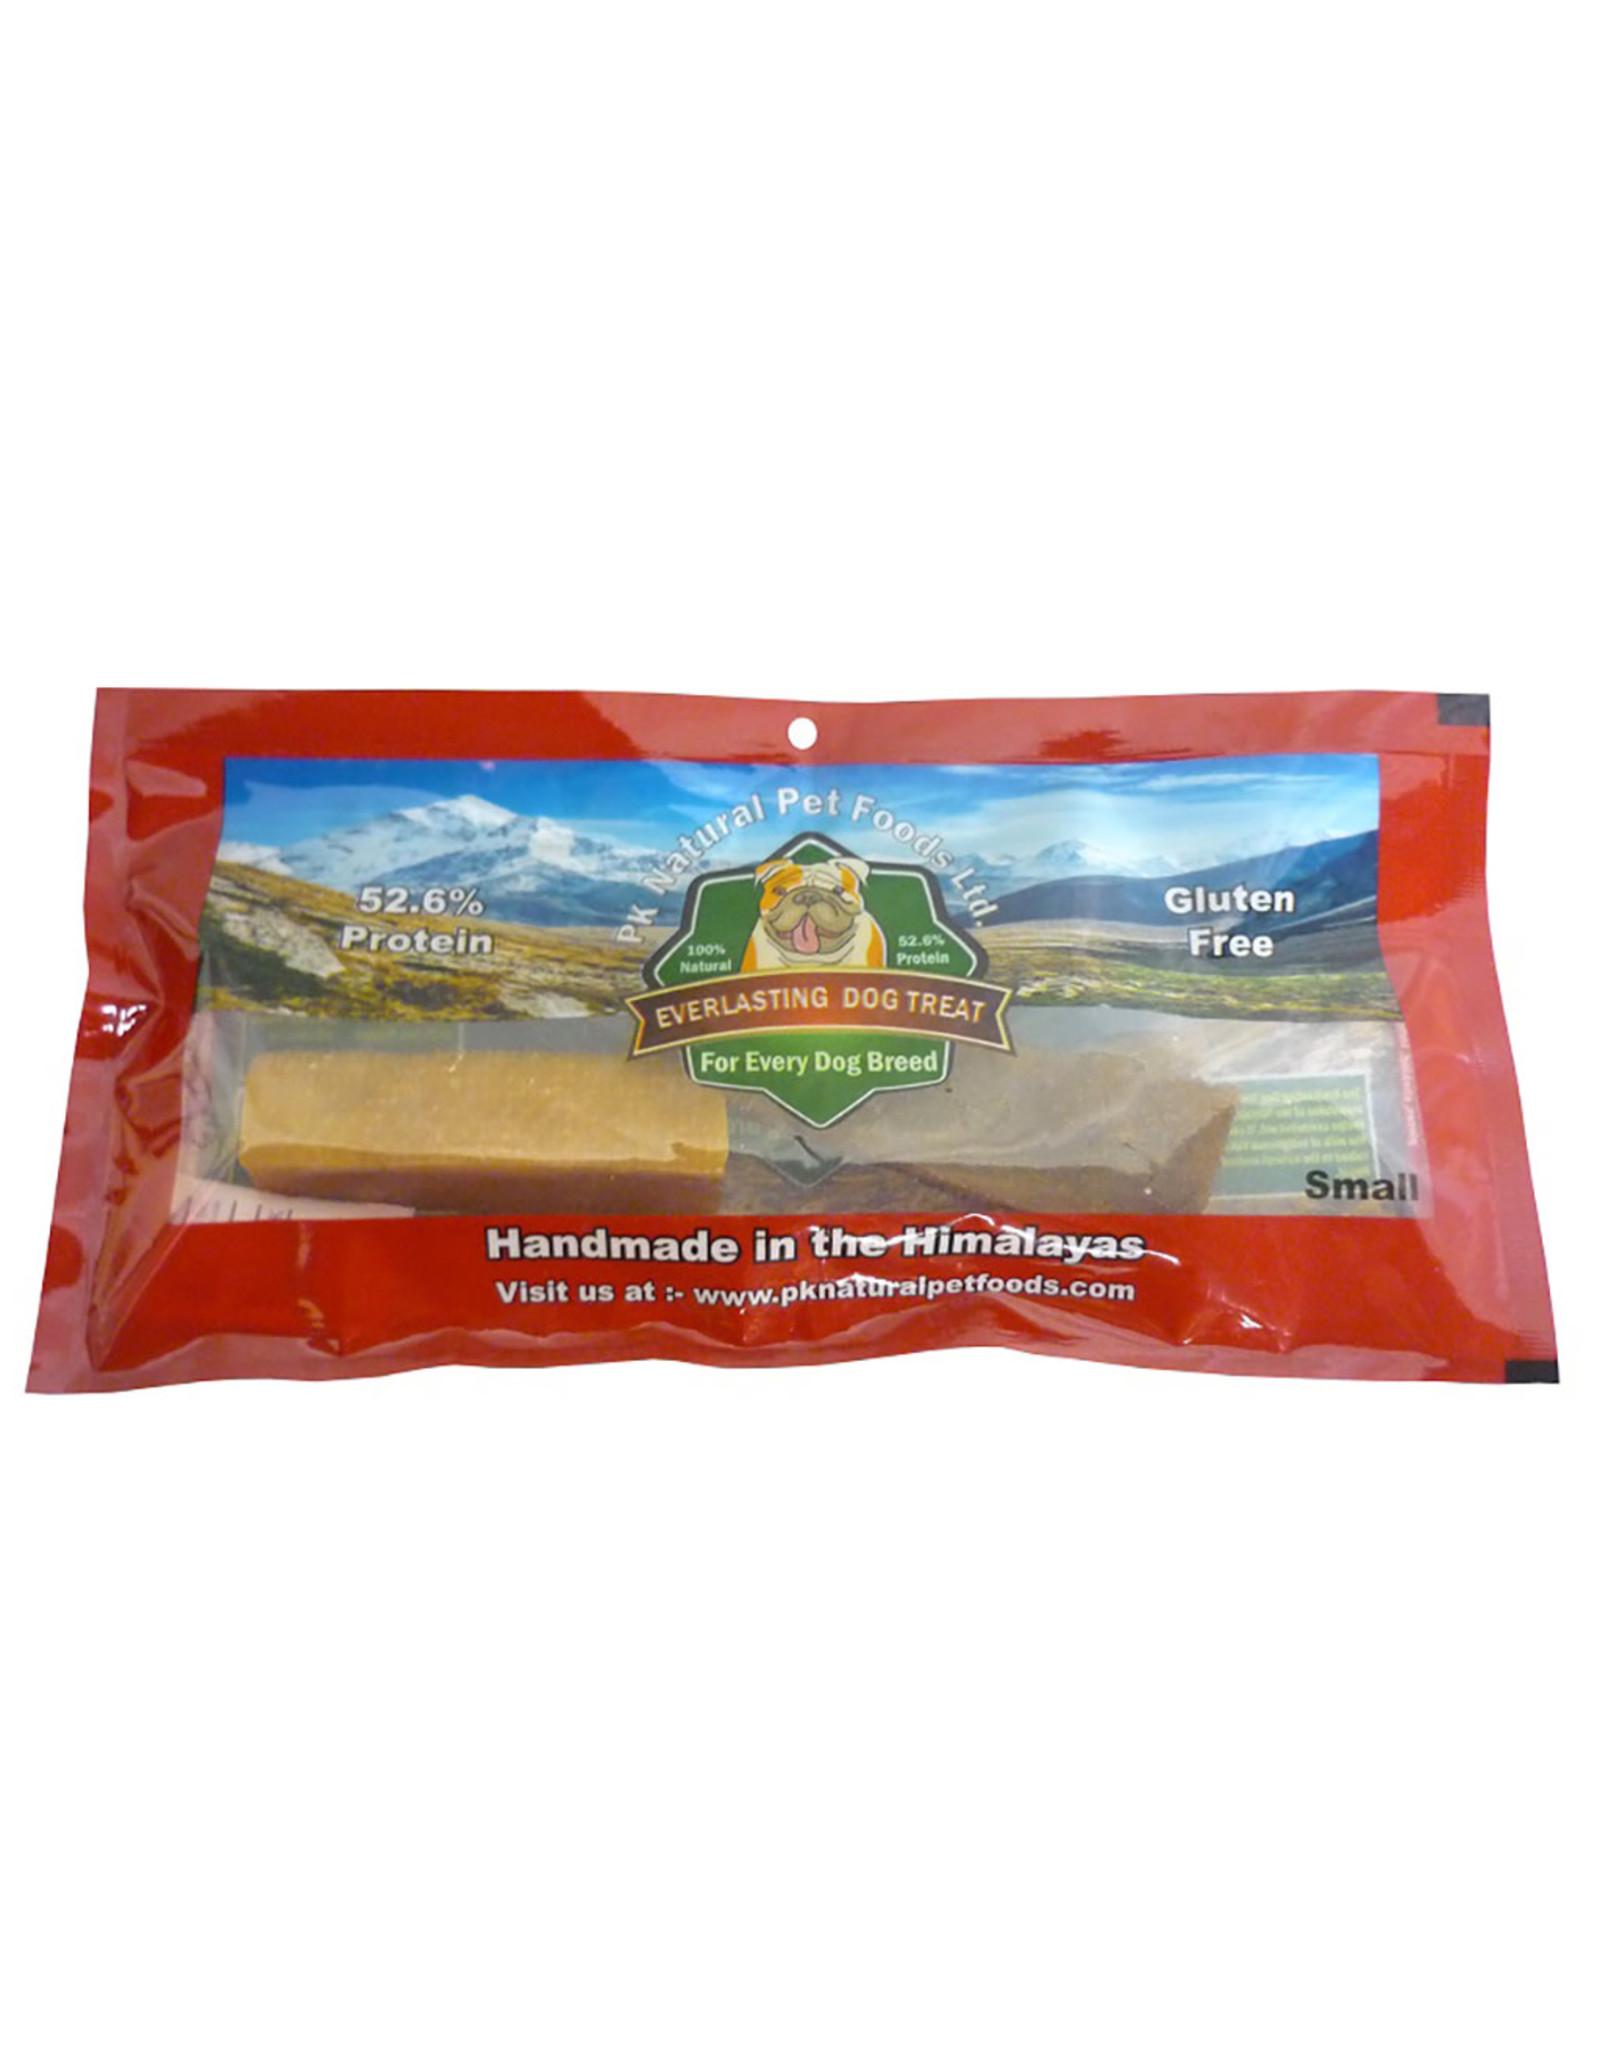 PK Natural Pet Foods Himalayan Yak Chew